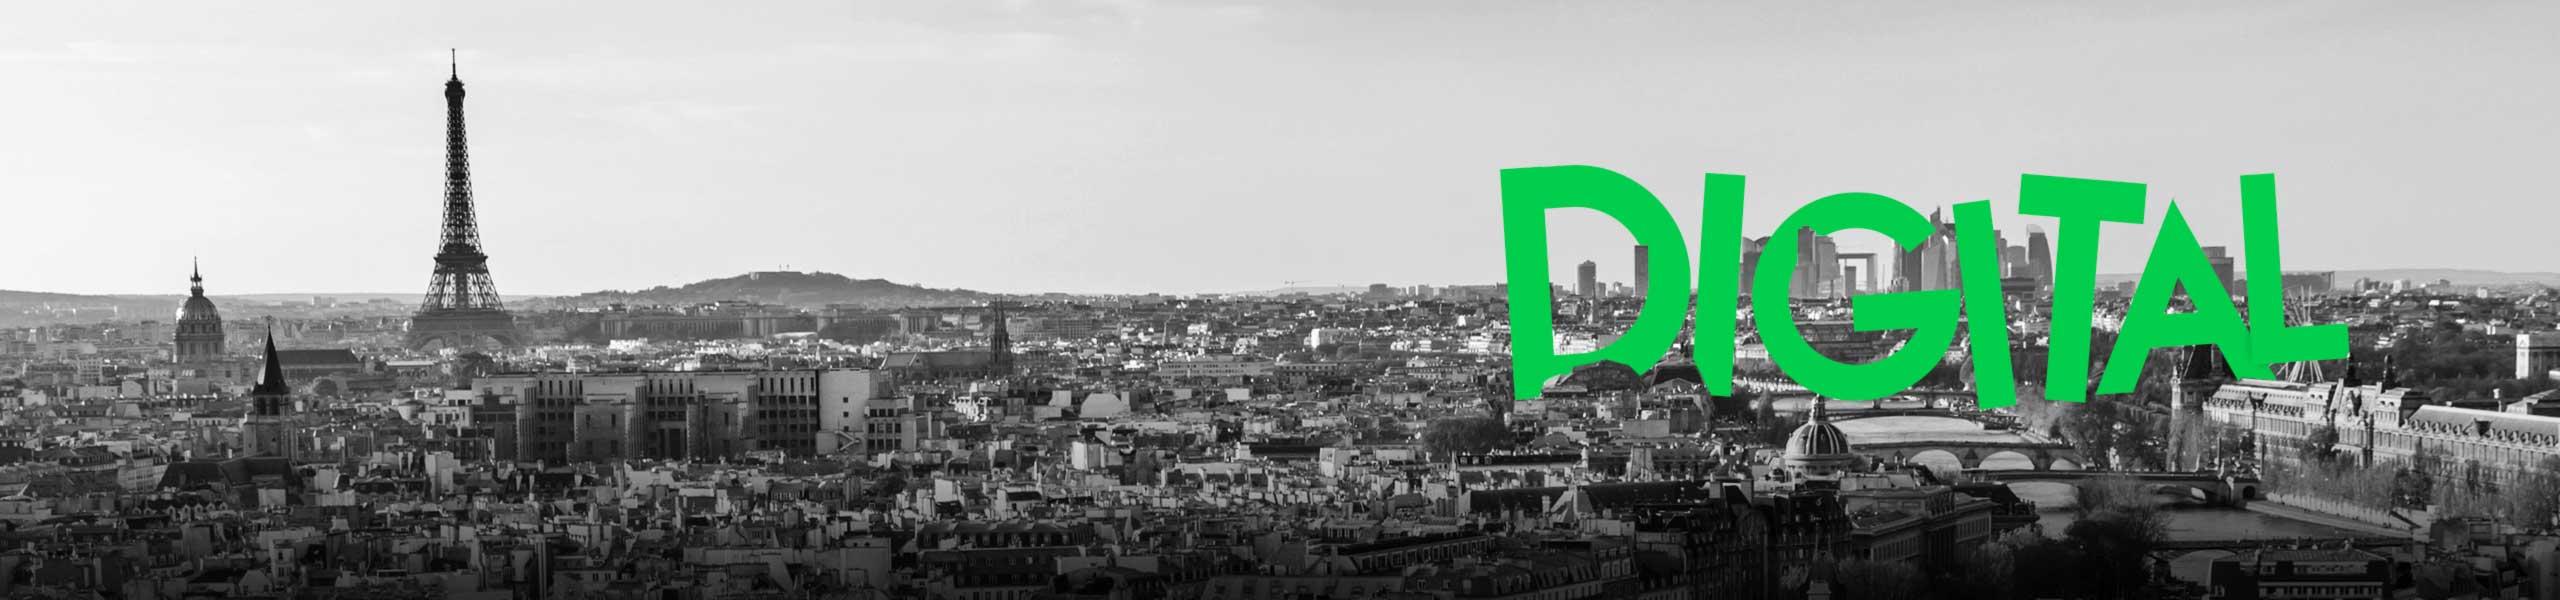 Openfield à l'Innovation Summit Paris 2018 | Schneider Electric